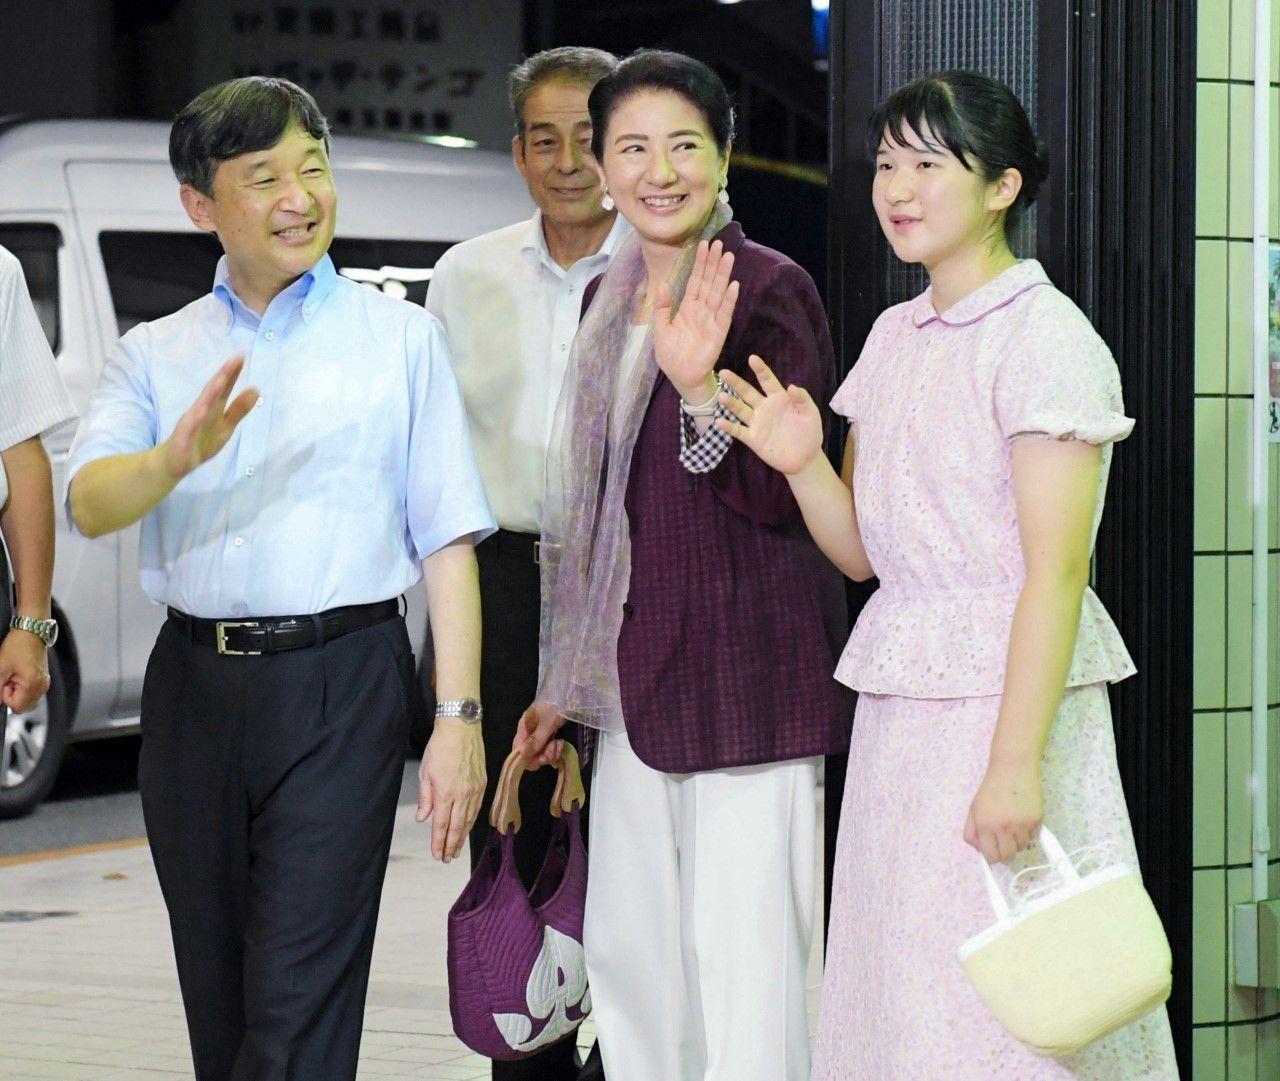 8月1日、伊豆急下田駅に到着され、集まった人たちに手を振られる両陛下と愛子さま ©時事通信社